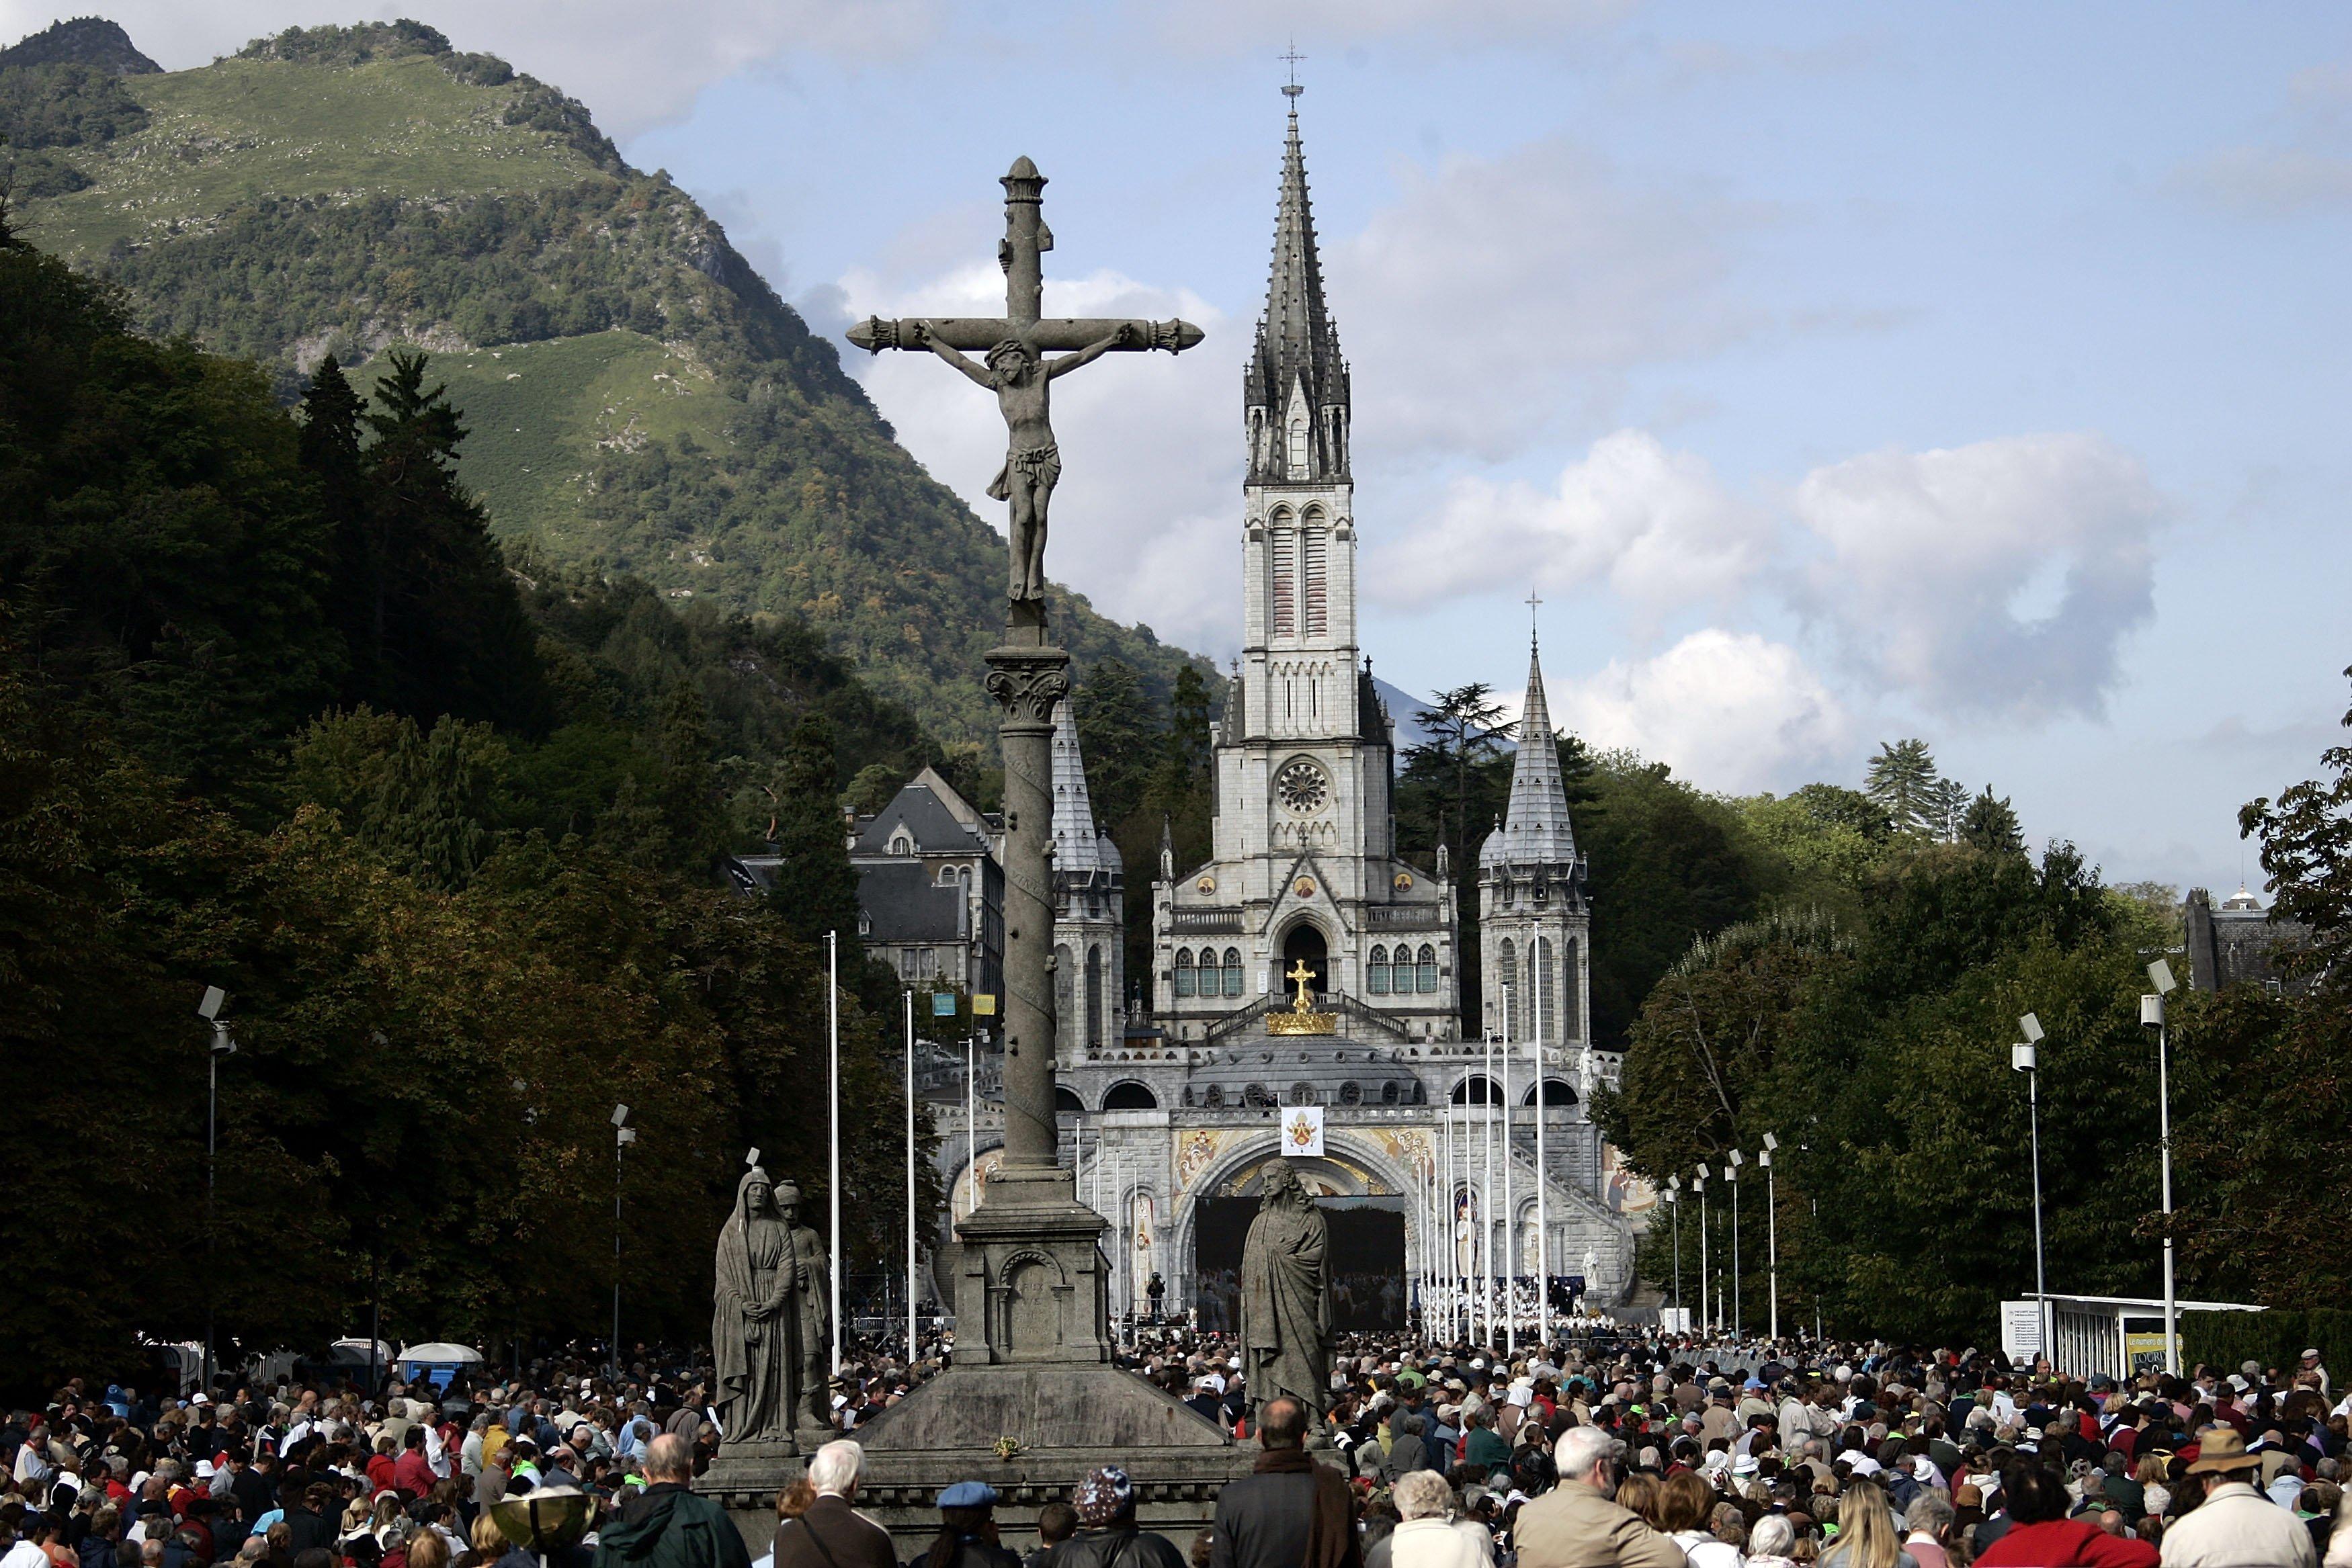 Congregación religiosa frente a la Basílica del Rosario en Lourdes, Francia || Fuente: Getty Images